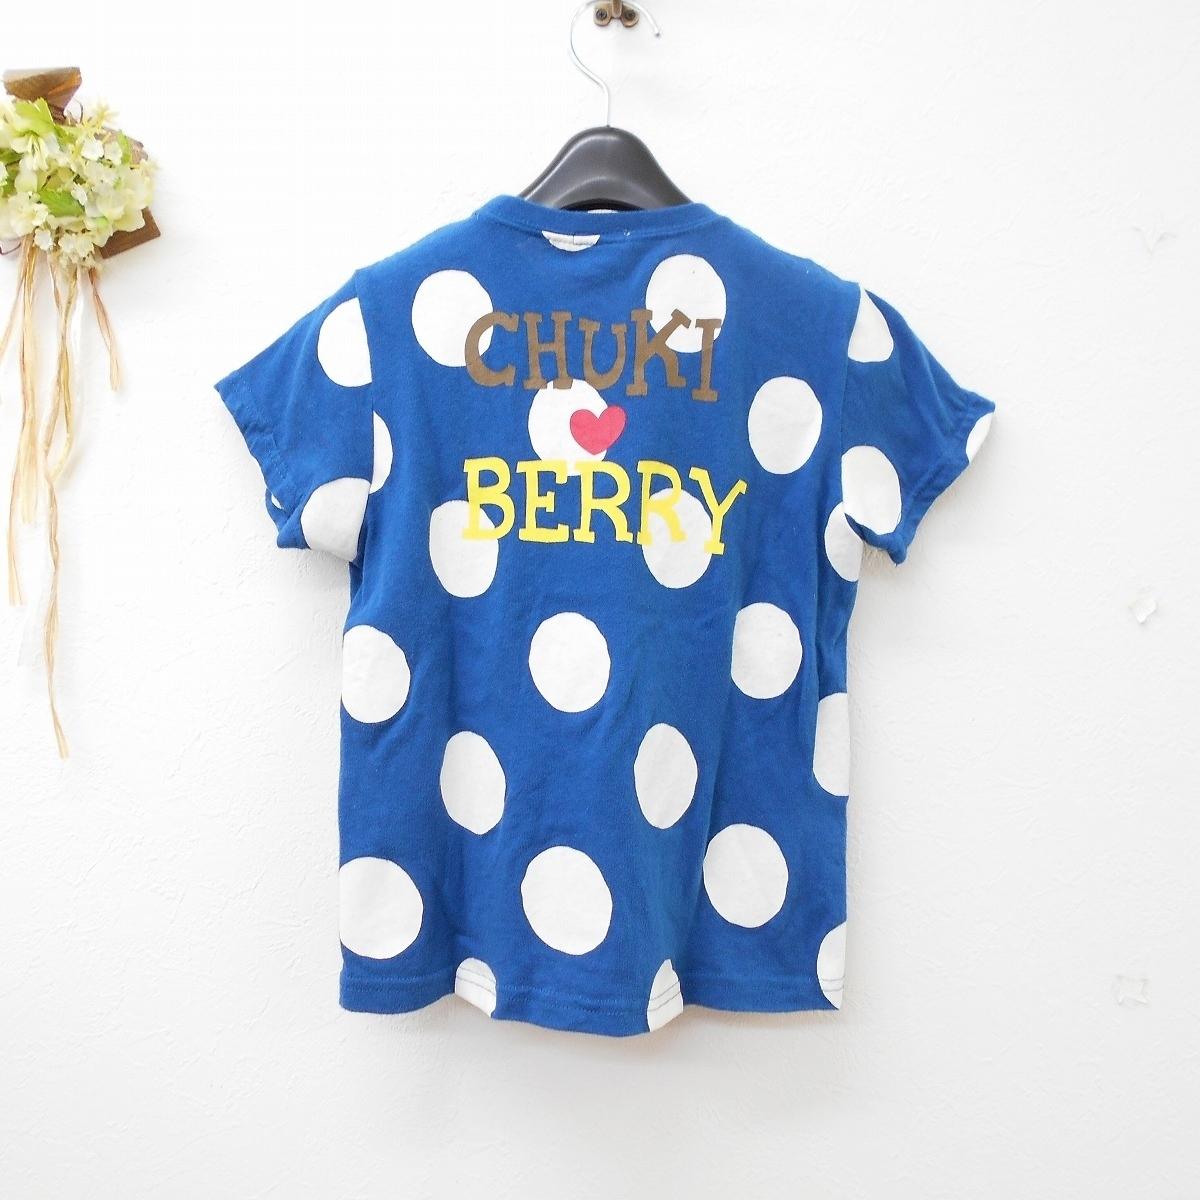 ドラッグストアーズ DRUG STORES キッズ 100cm 半袖 Tシャツ ブルー ドット プリント ワッペン トップス_画像5